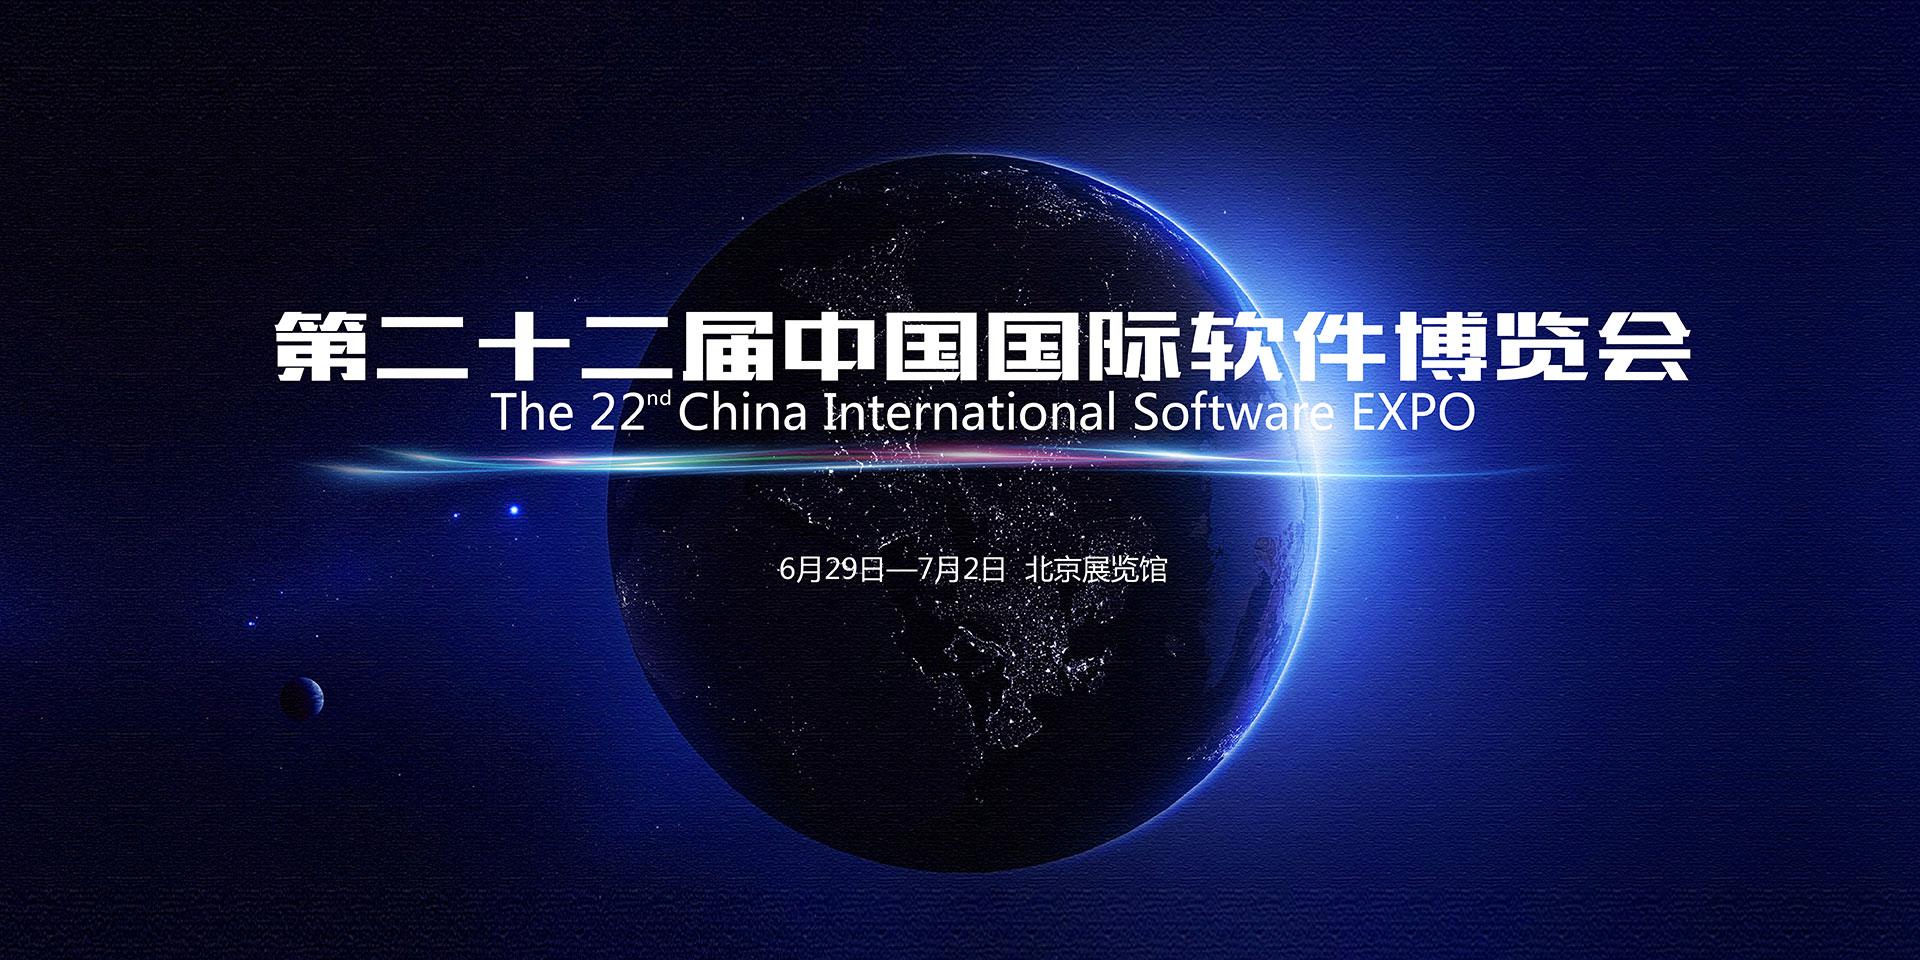 2018第二十二届中国国际软件博览会